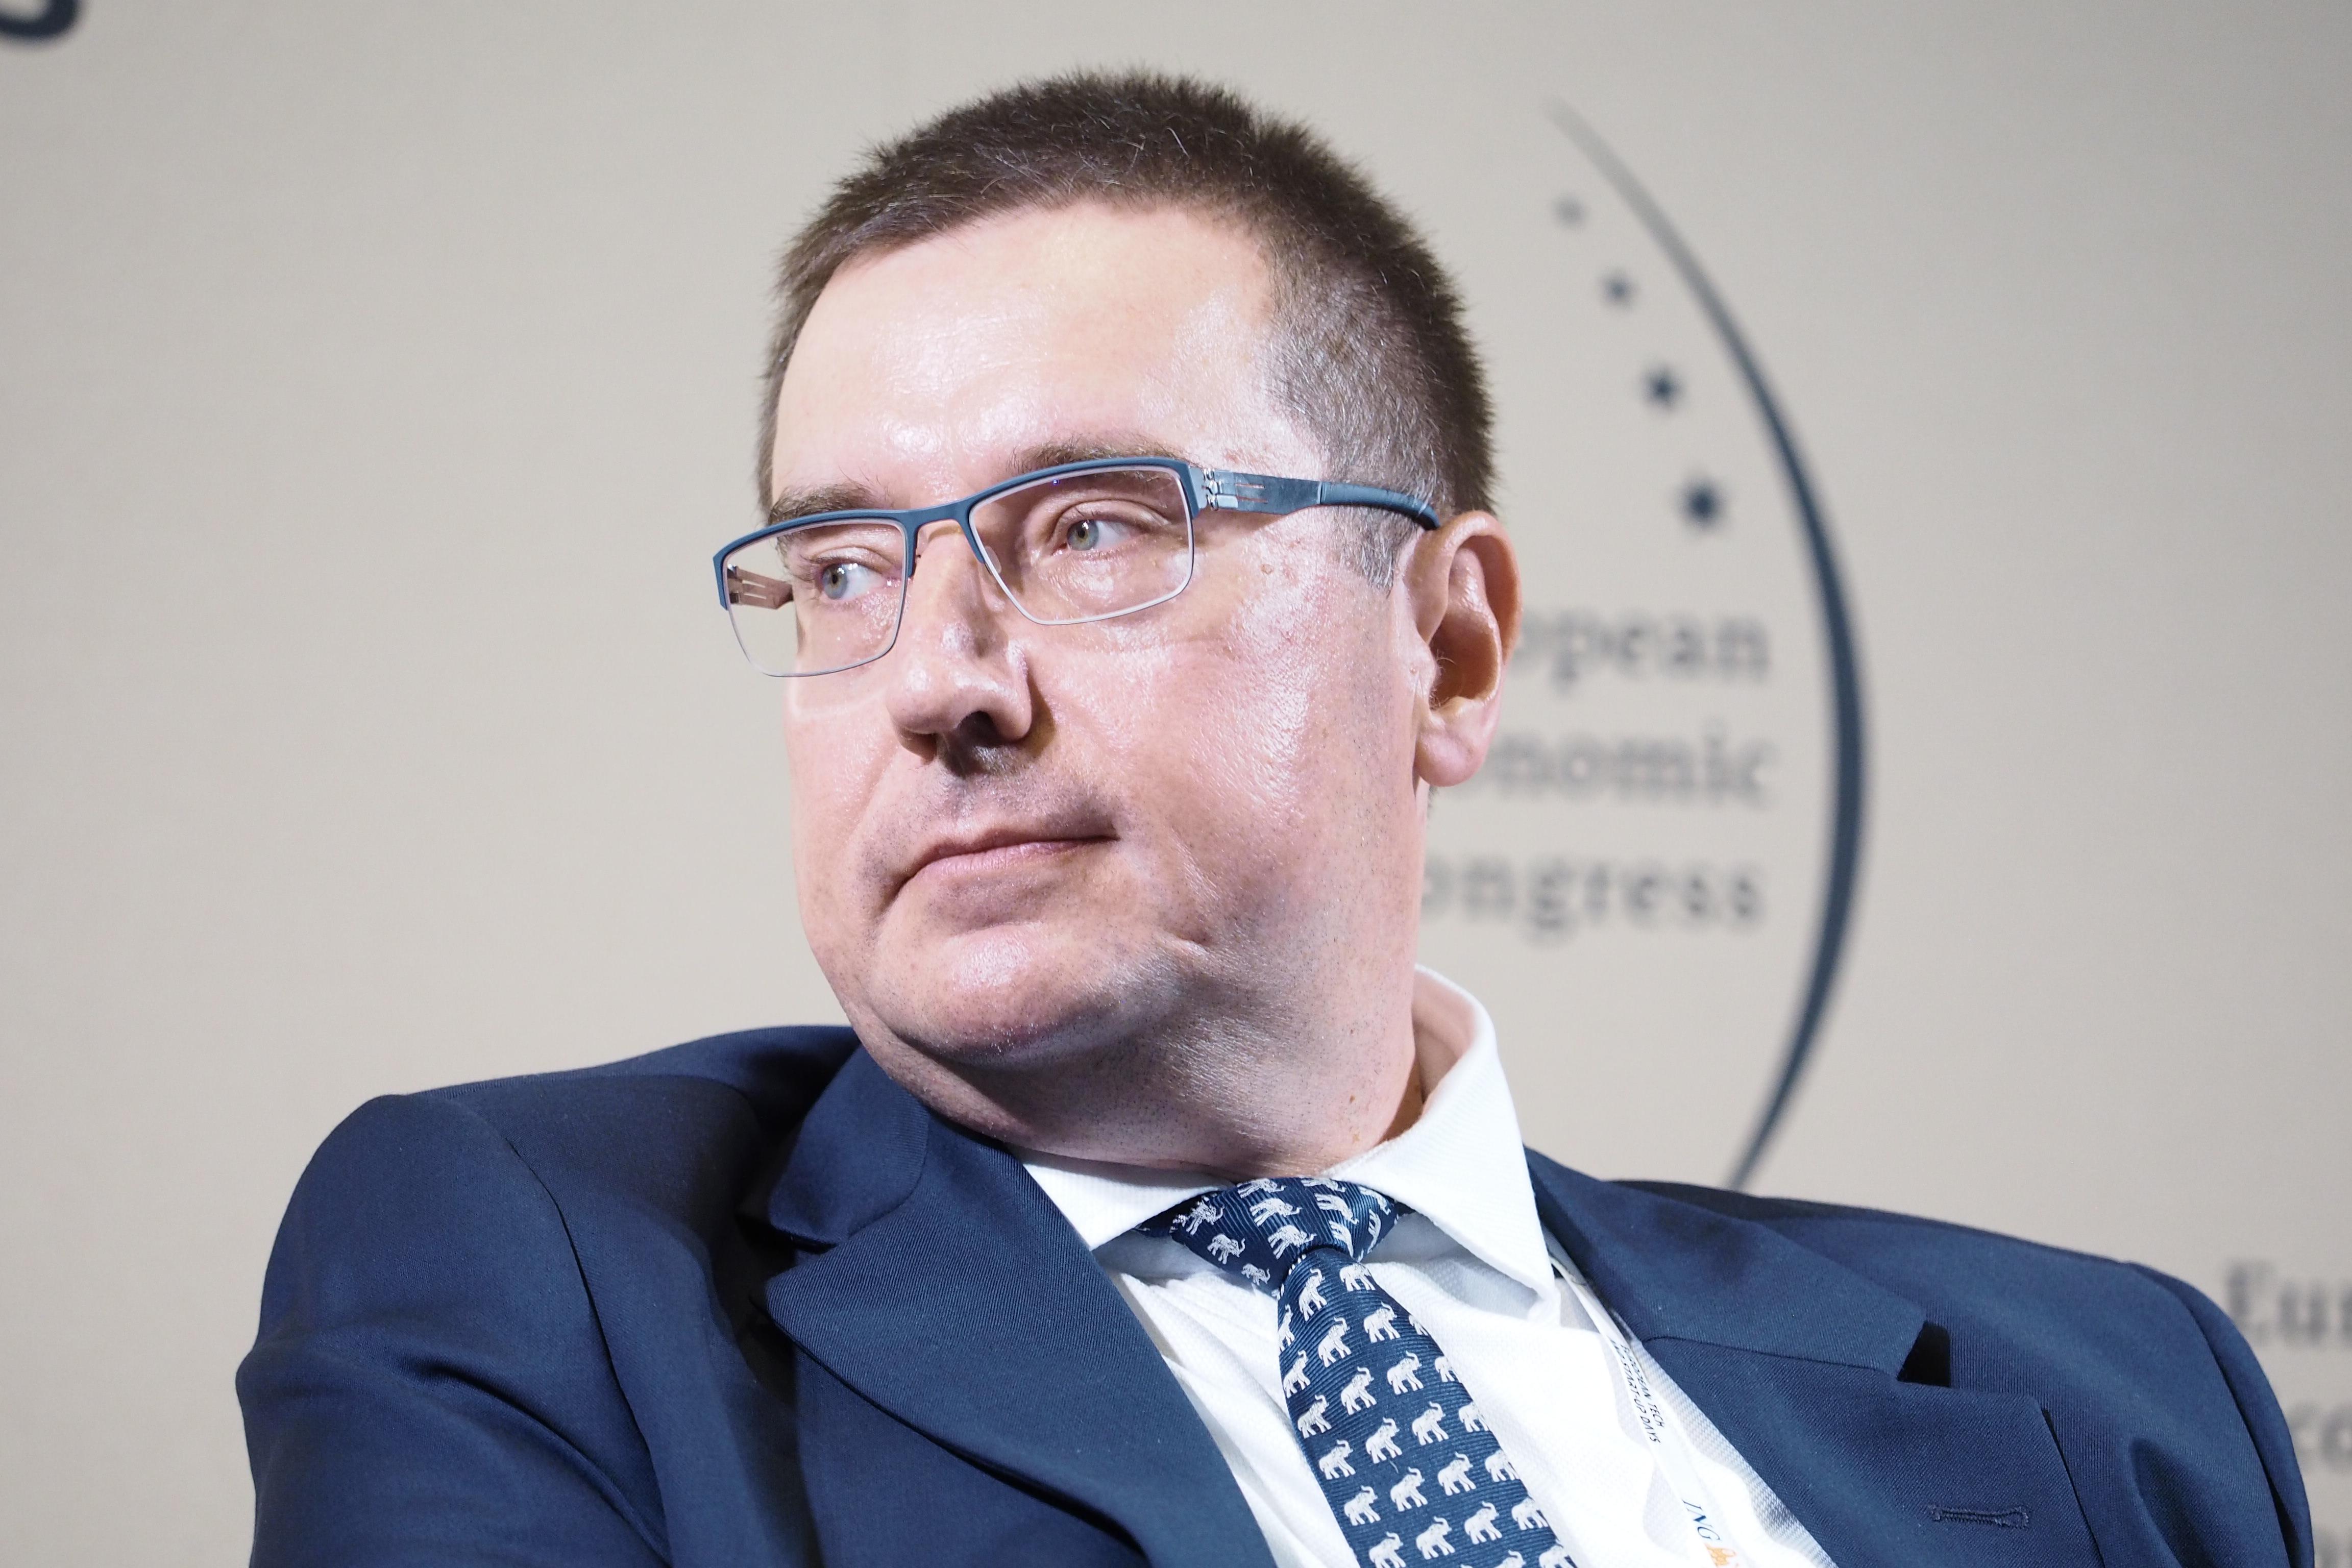 Prezesa zarządu Towarzystwa Ubezpieczeń Wzajemnych Polski Zakład Ubezpieczeń Wzajemnych Rafał Kiliński (Fot. PTWP)